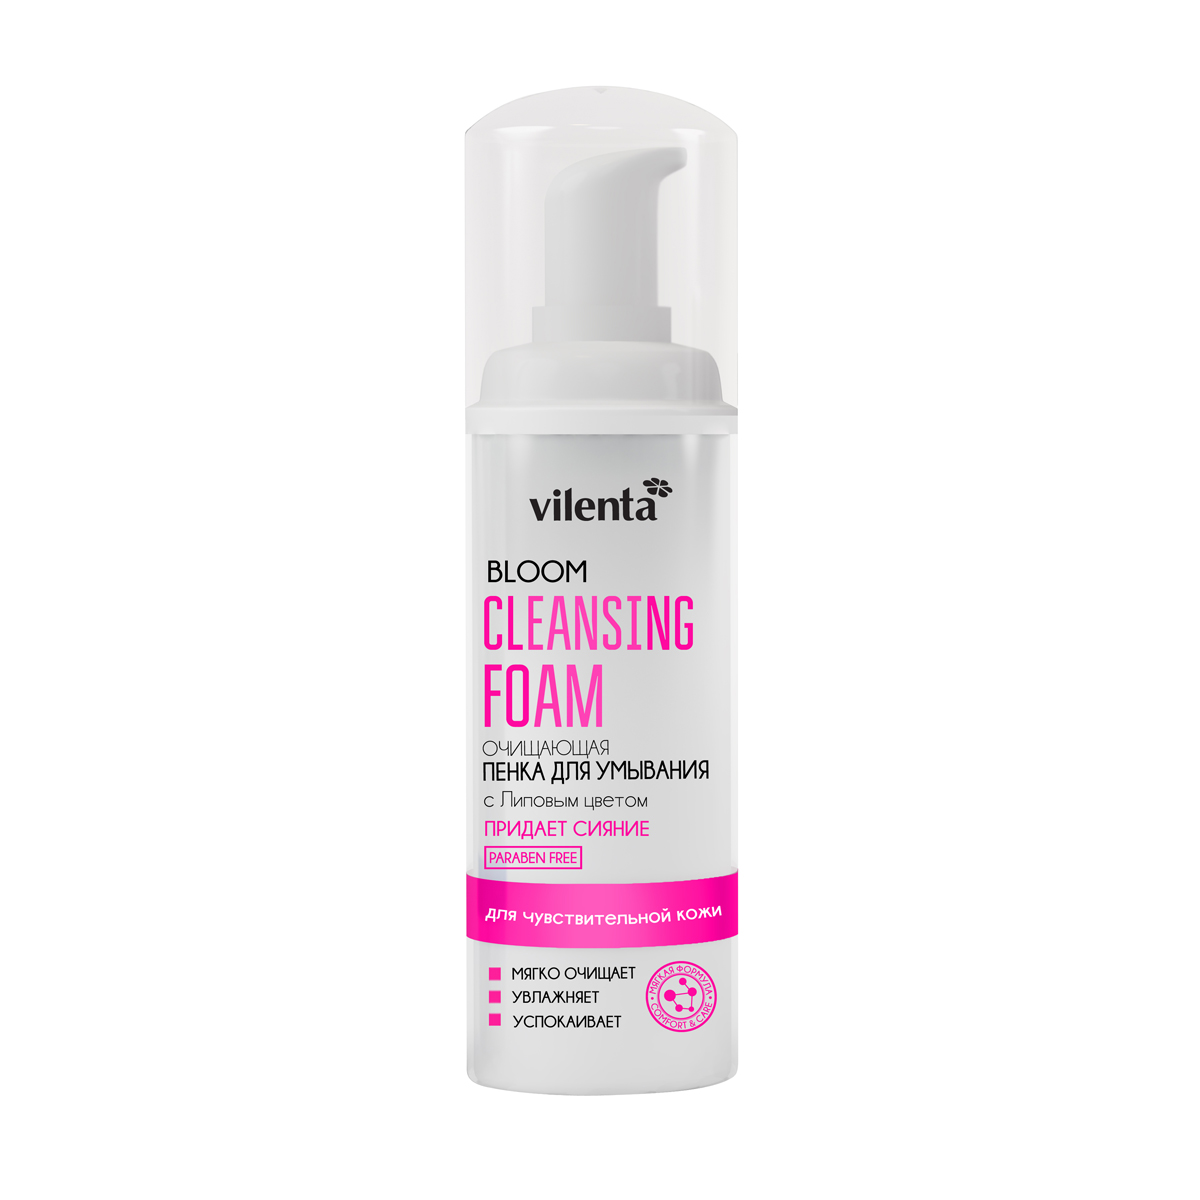 Vilenta Пенка для умывания для чувствительной кожи Bloom, 150 млFS-00897Пенка для умывания с нежной воздушной текстурой легко распределяется по коже и тщательно очищает ее от загрязнений, поддерживая оптимальный водный баланс. Аллантоин, пантенол и экстракт липового цвета оказывают увлажняющее действие, восстанавливая естественное сияние коже.